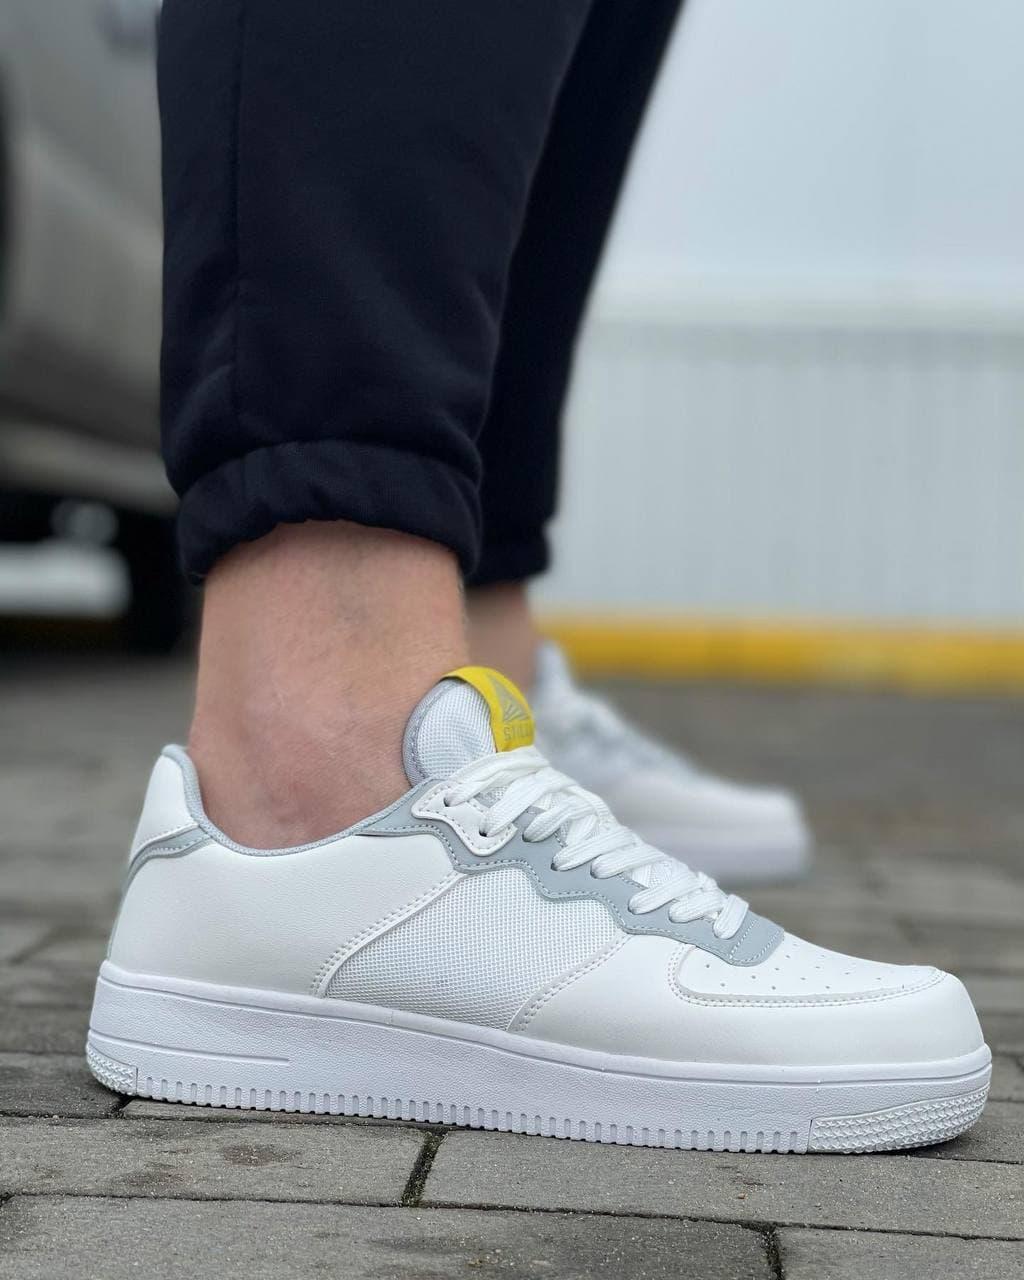 Чоловічі кросівки STILLI взуття чоловіче демісезонне взуття Розмір 43